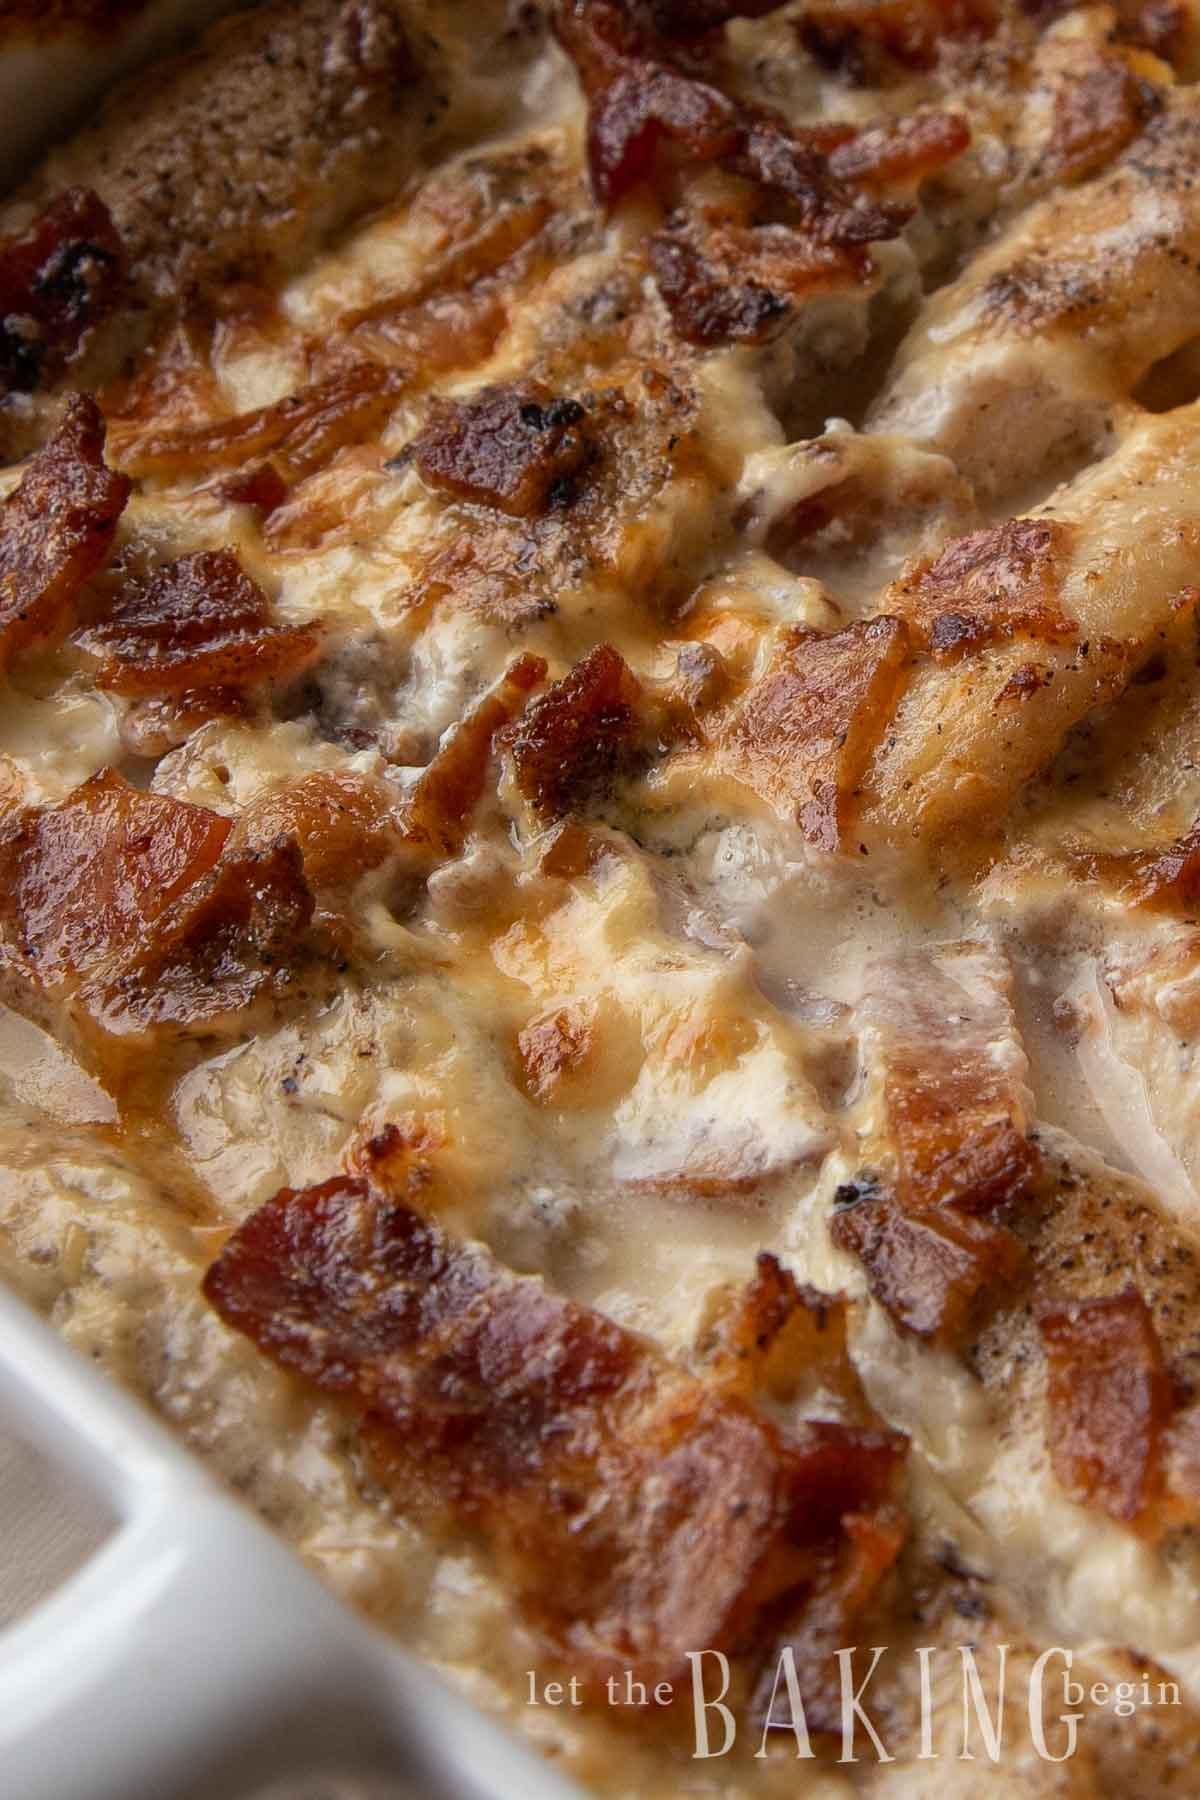 Cierre de la receta del rancho de tocino y pollo.